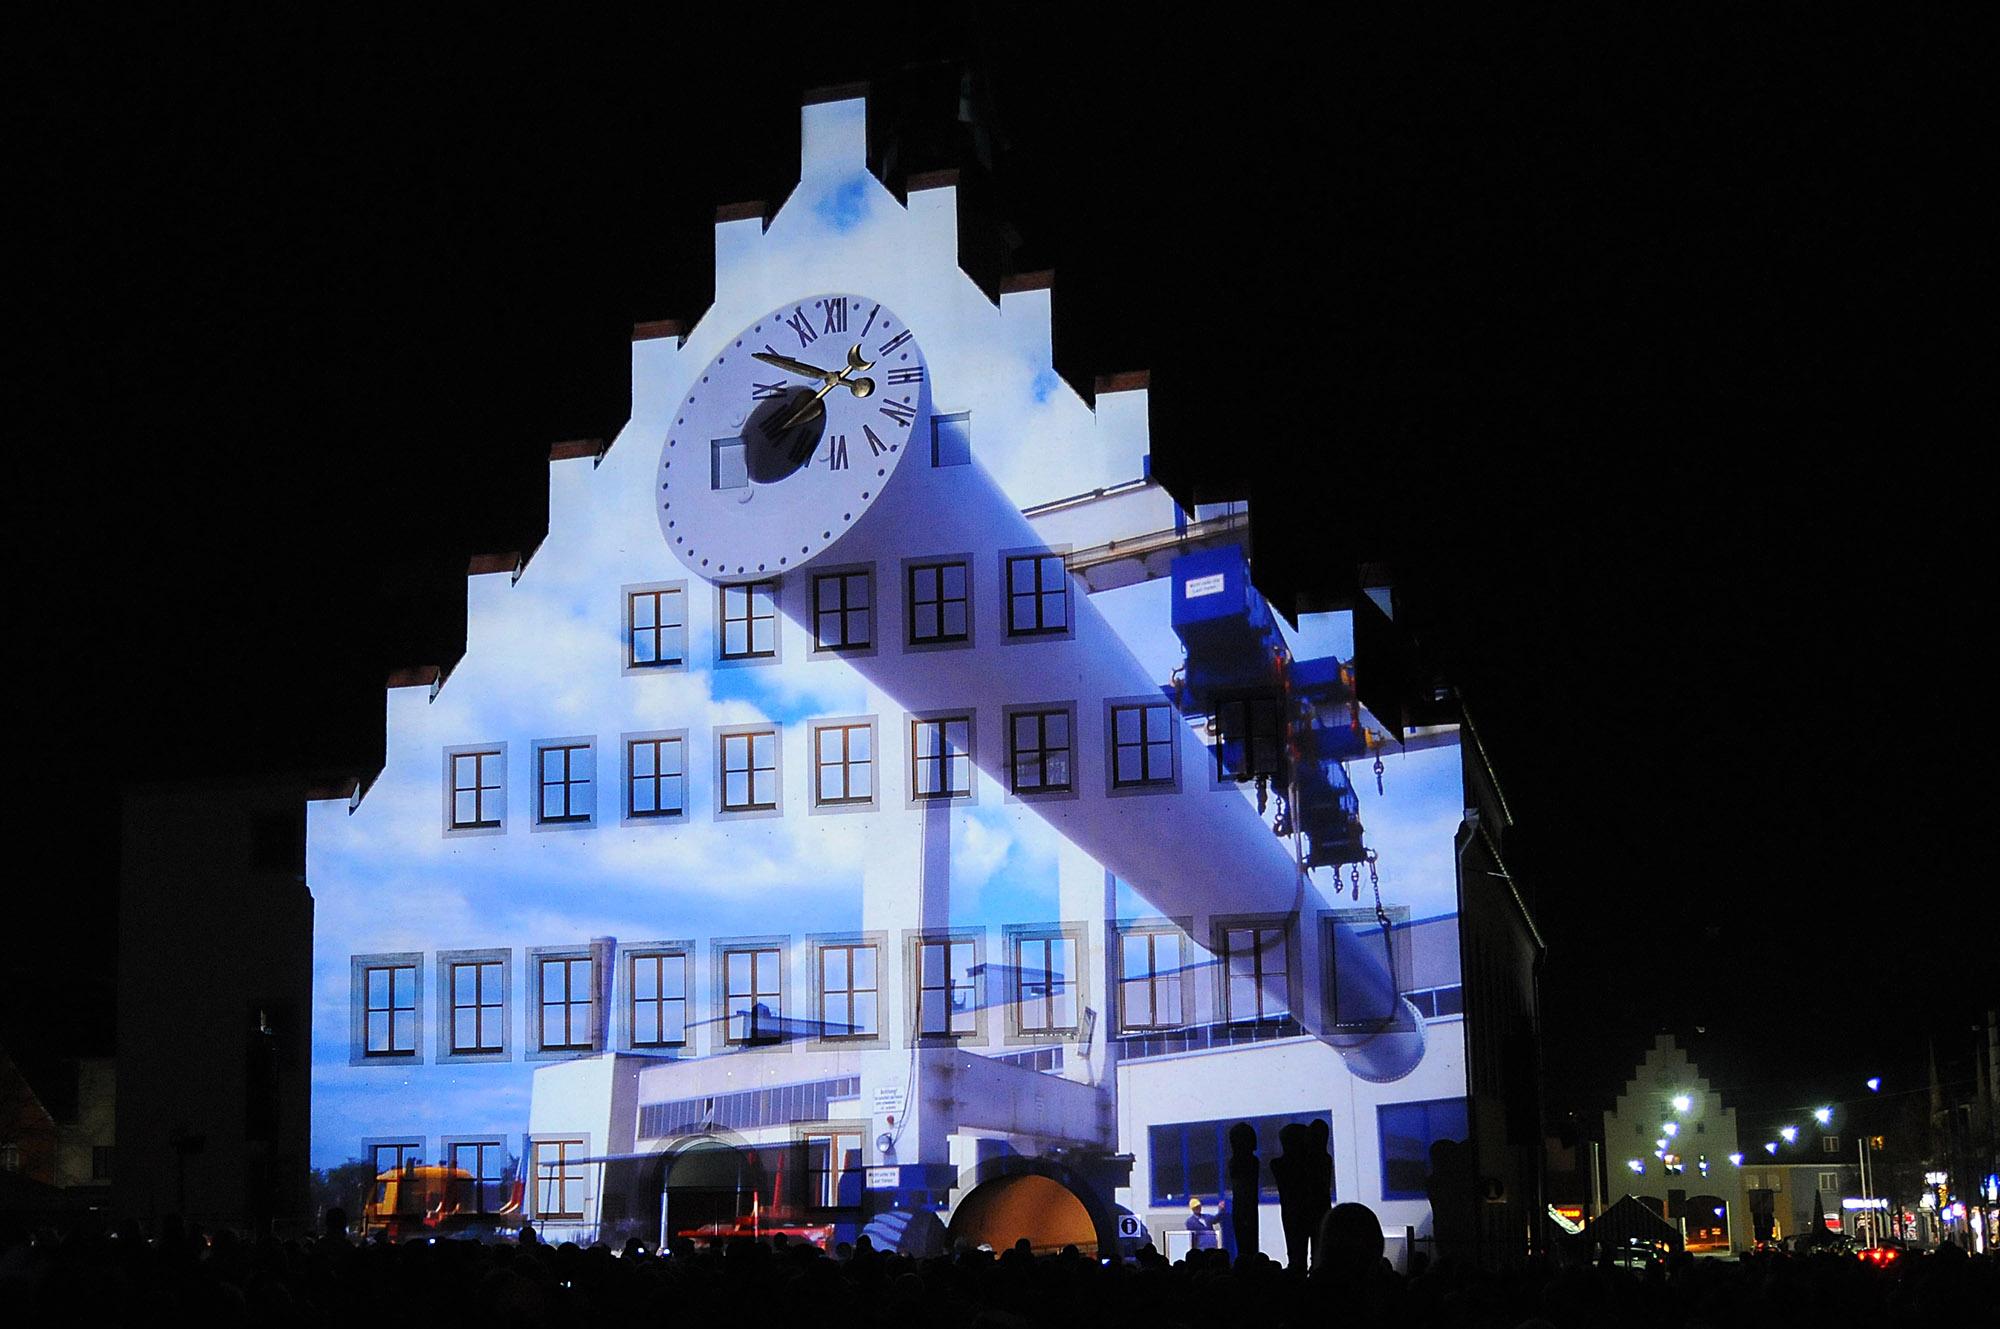 850JahreNeumarkt_Stadtgeschichte_2010_26.jpg